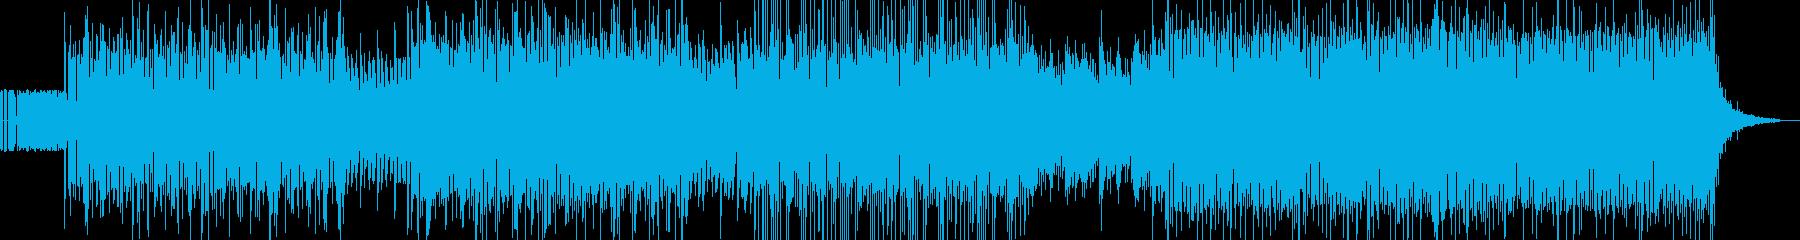 気持ちよく聴けることを重視したEDMの再生済みの波形